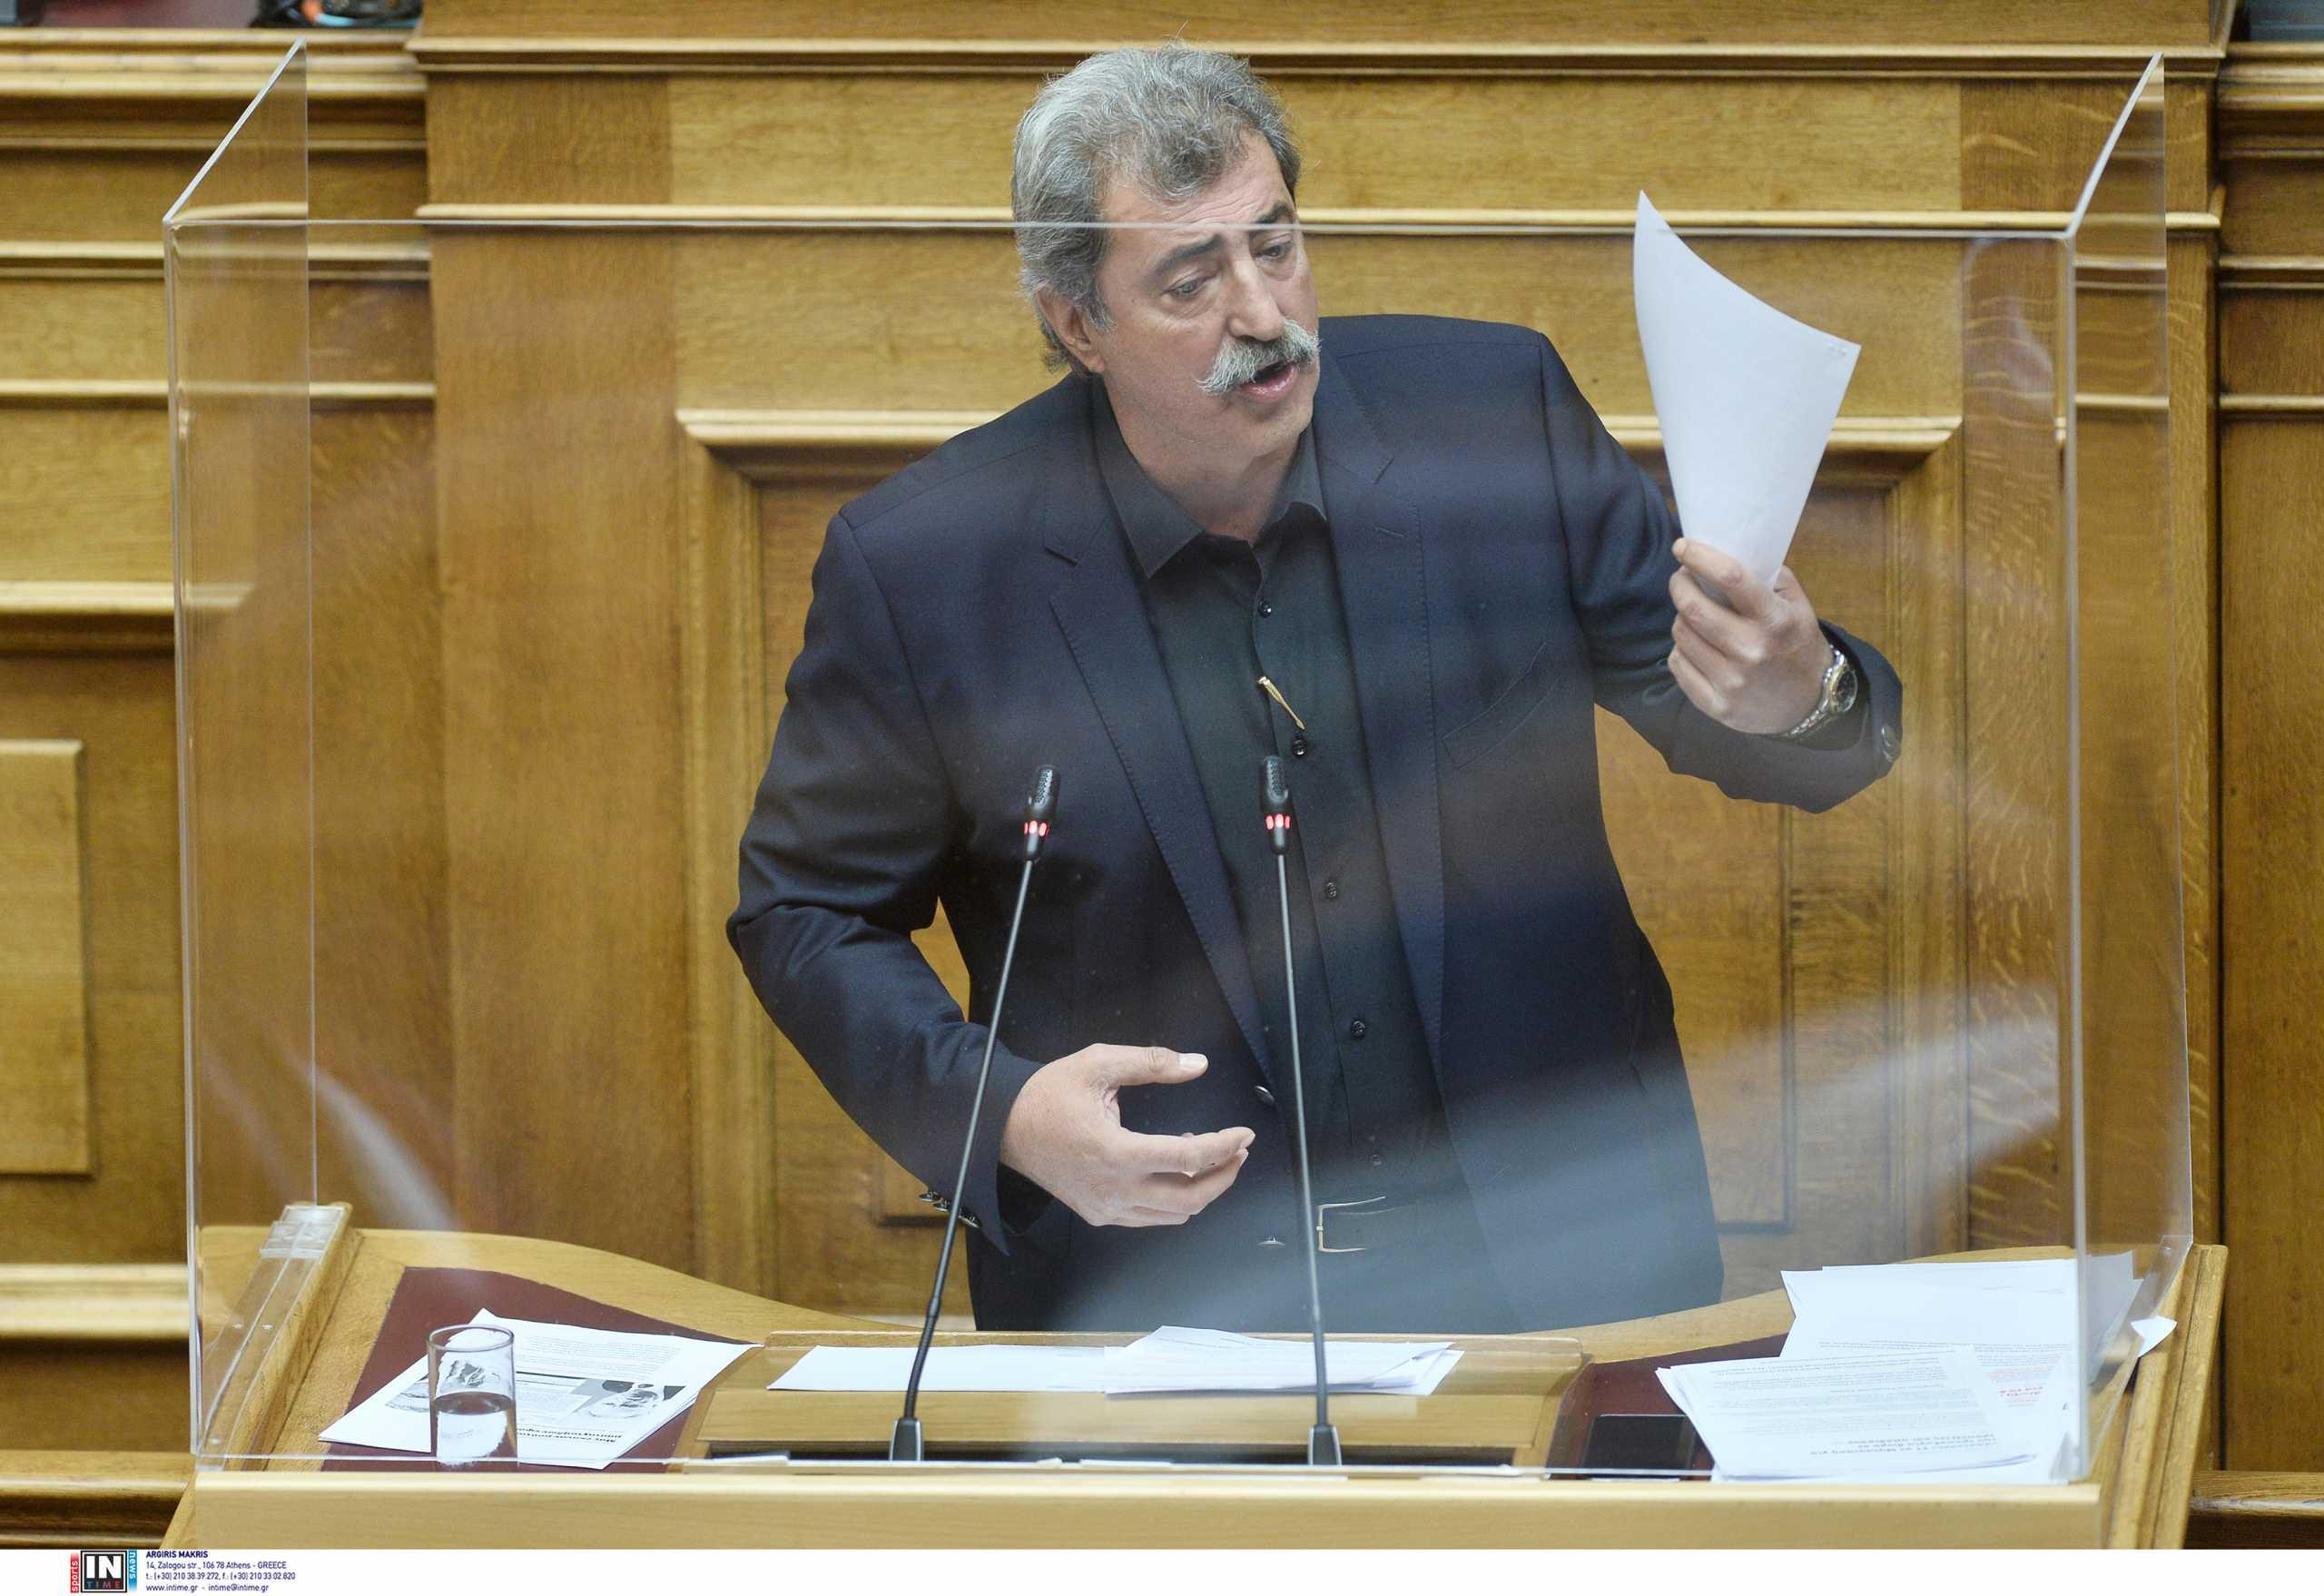 Παύλος Πολάκης: Ψηφίστε την άρση ασυλίας μου μη σας βάλει να ζητήσετε συγγνώμη ο Στουρνάρας